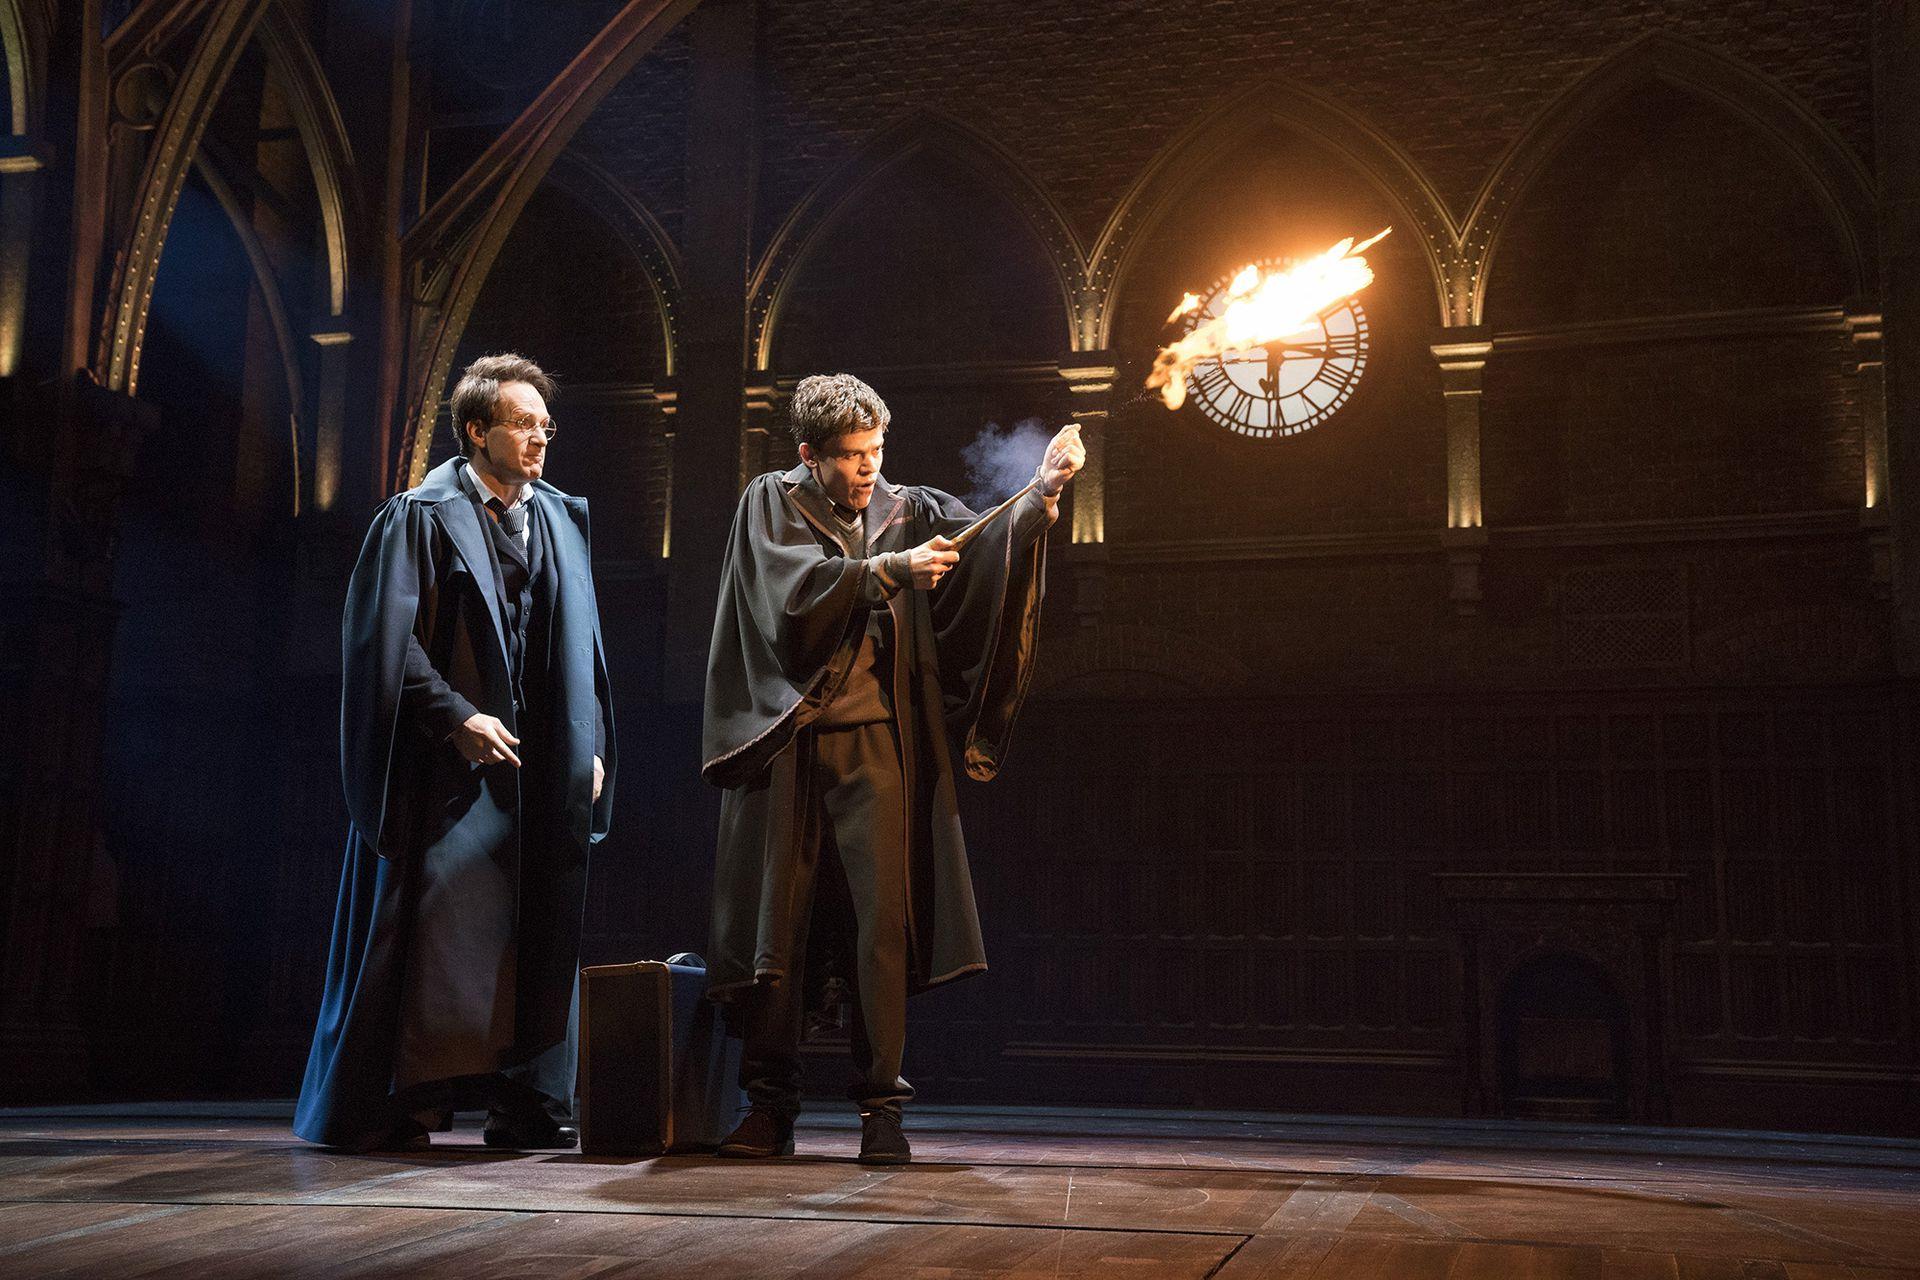 Harry y Albus, una relación compleja